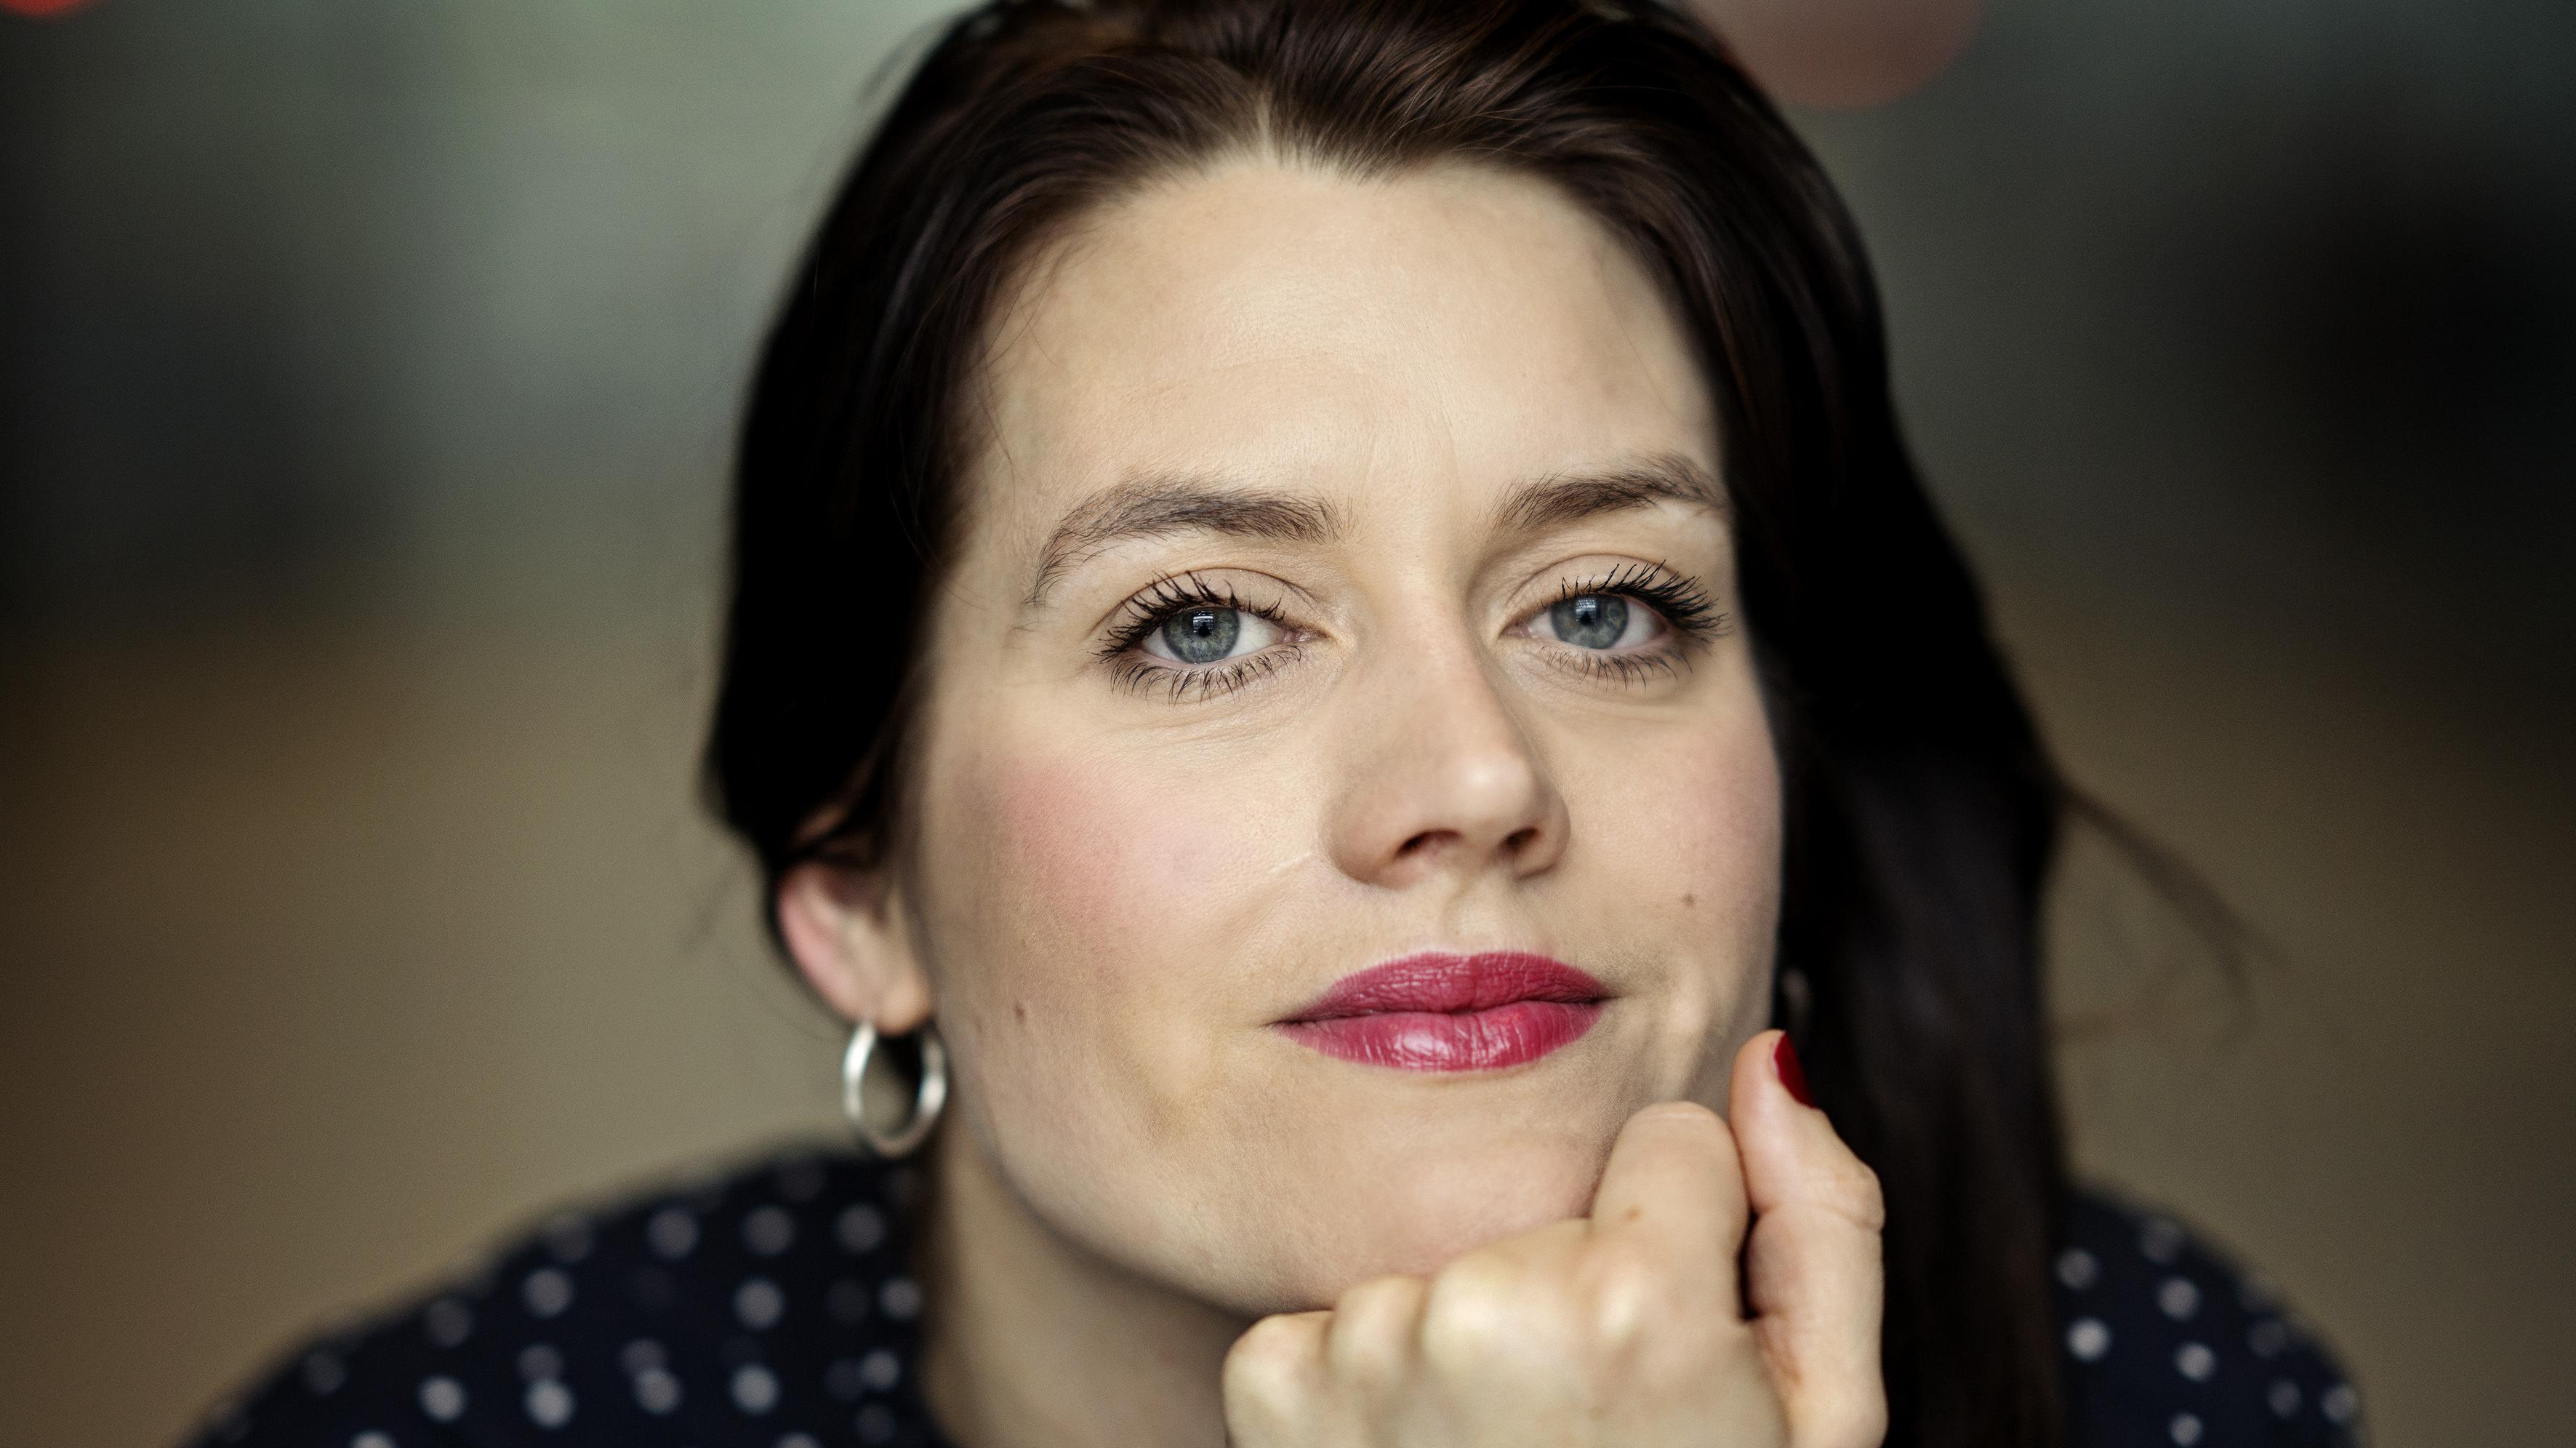 Sara Bovin